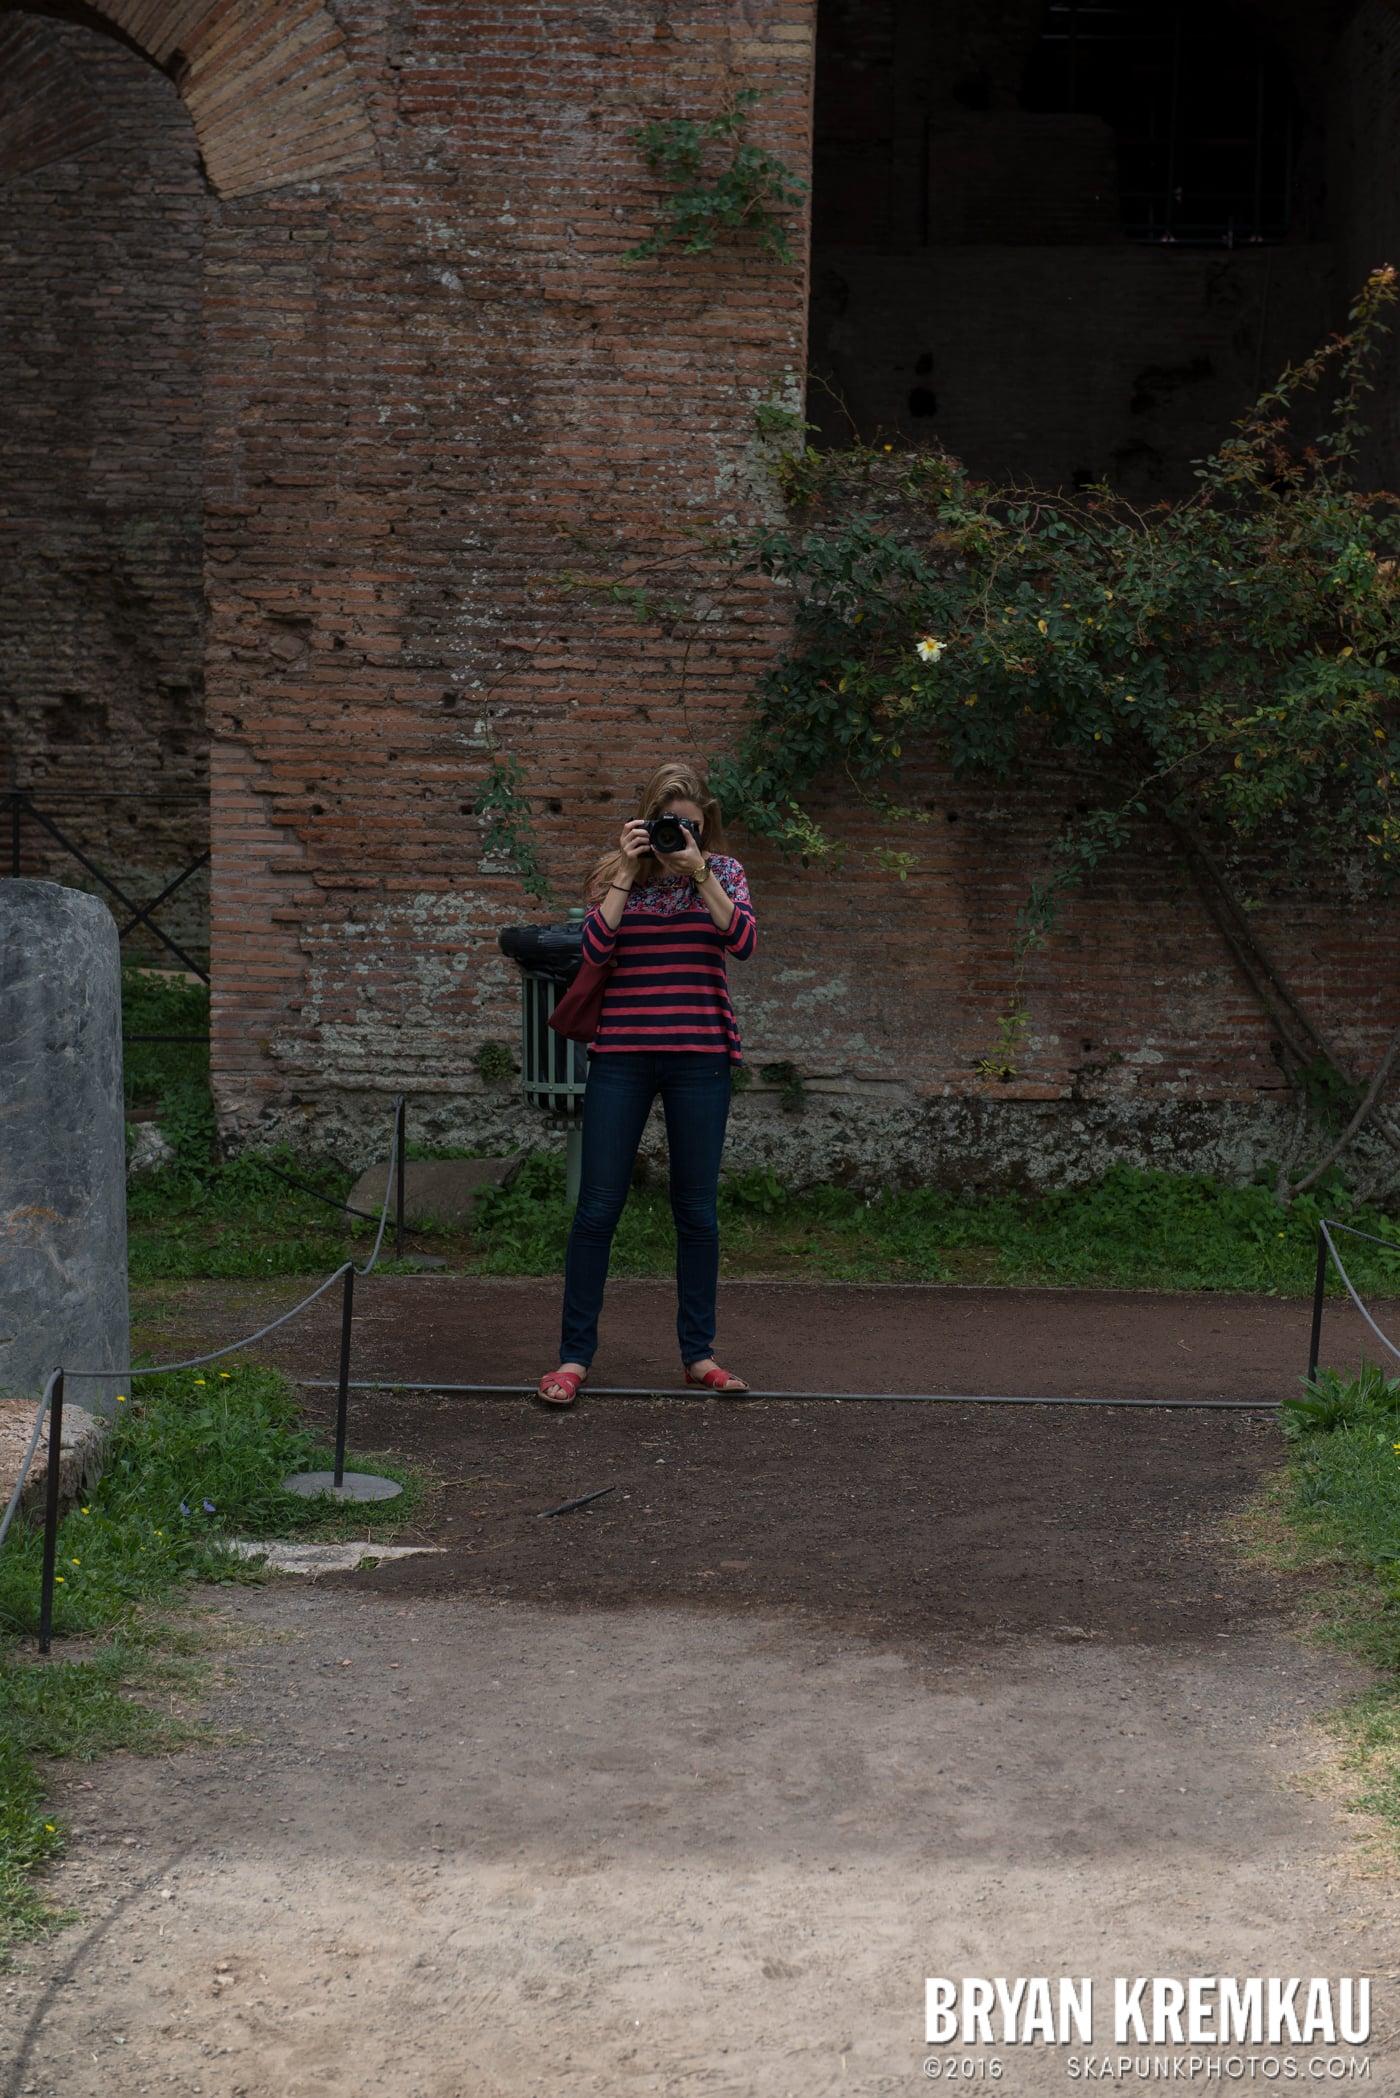 Italy Vacation - Day 2: Rome - 9.10.13 (98)